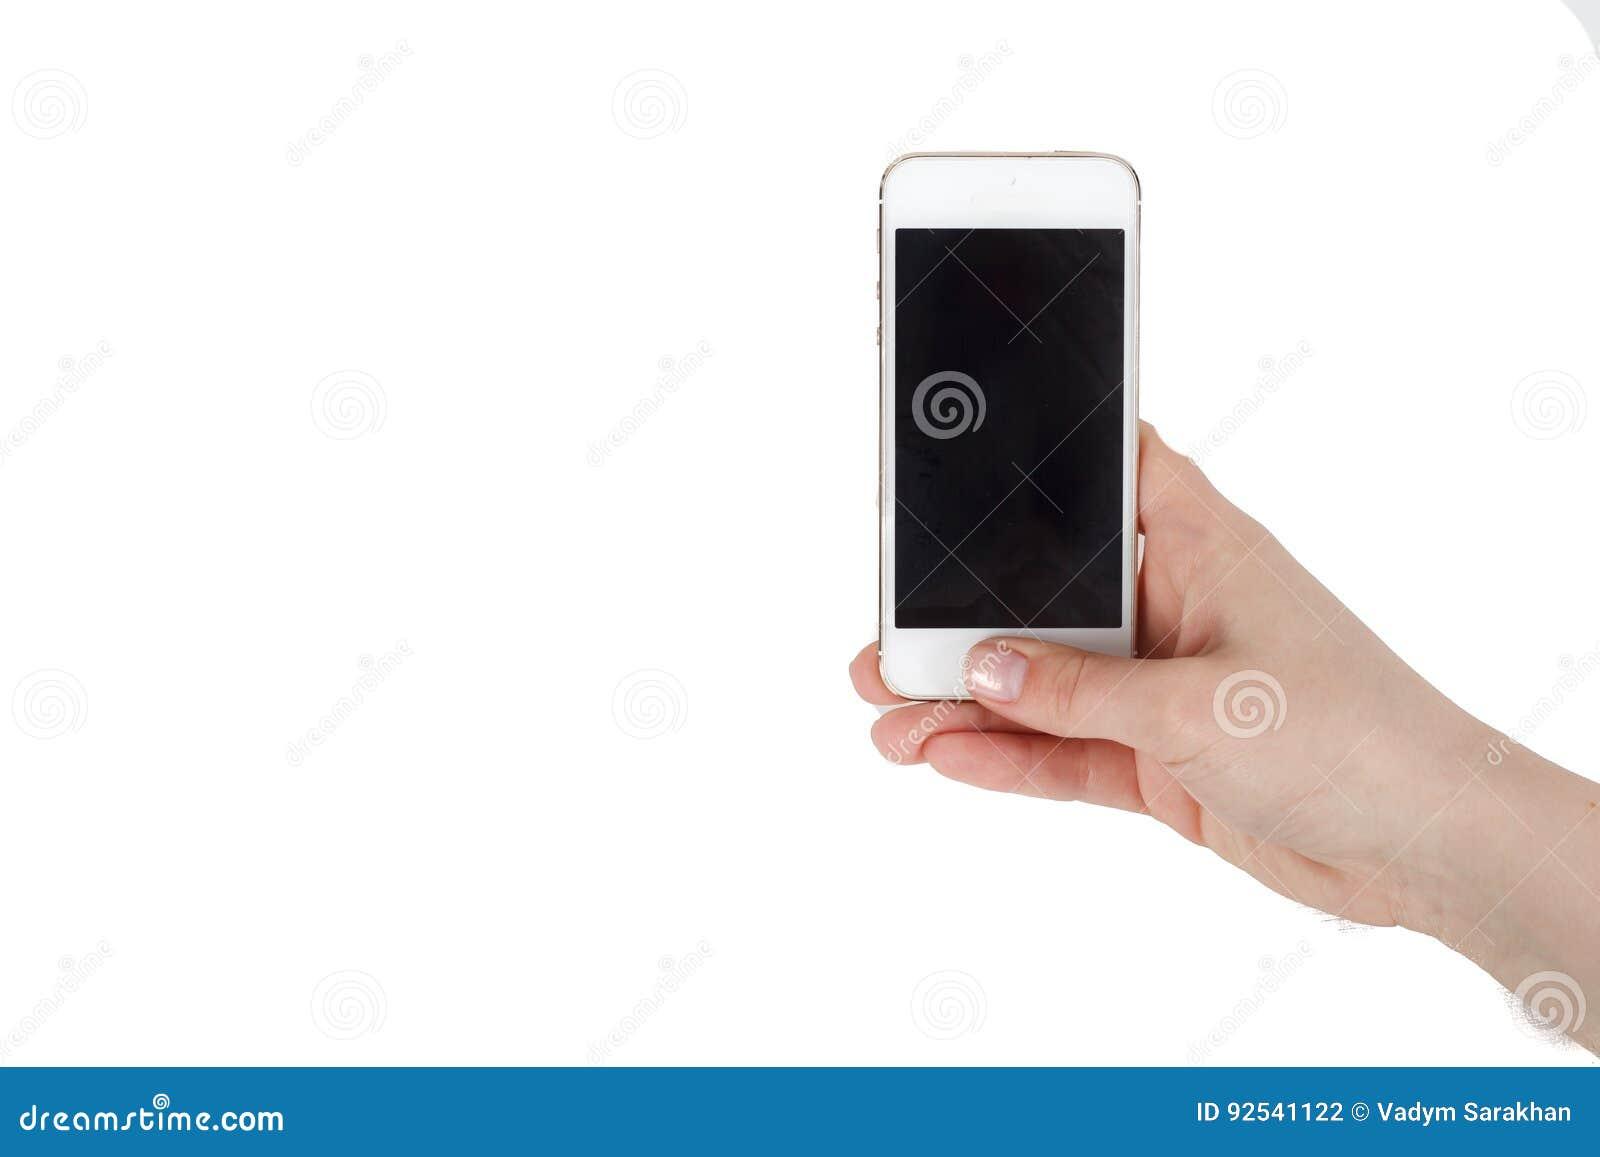 De telefoon is in de hand met het scherm in de camera